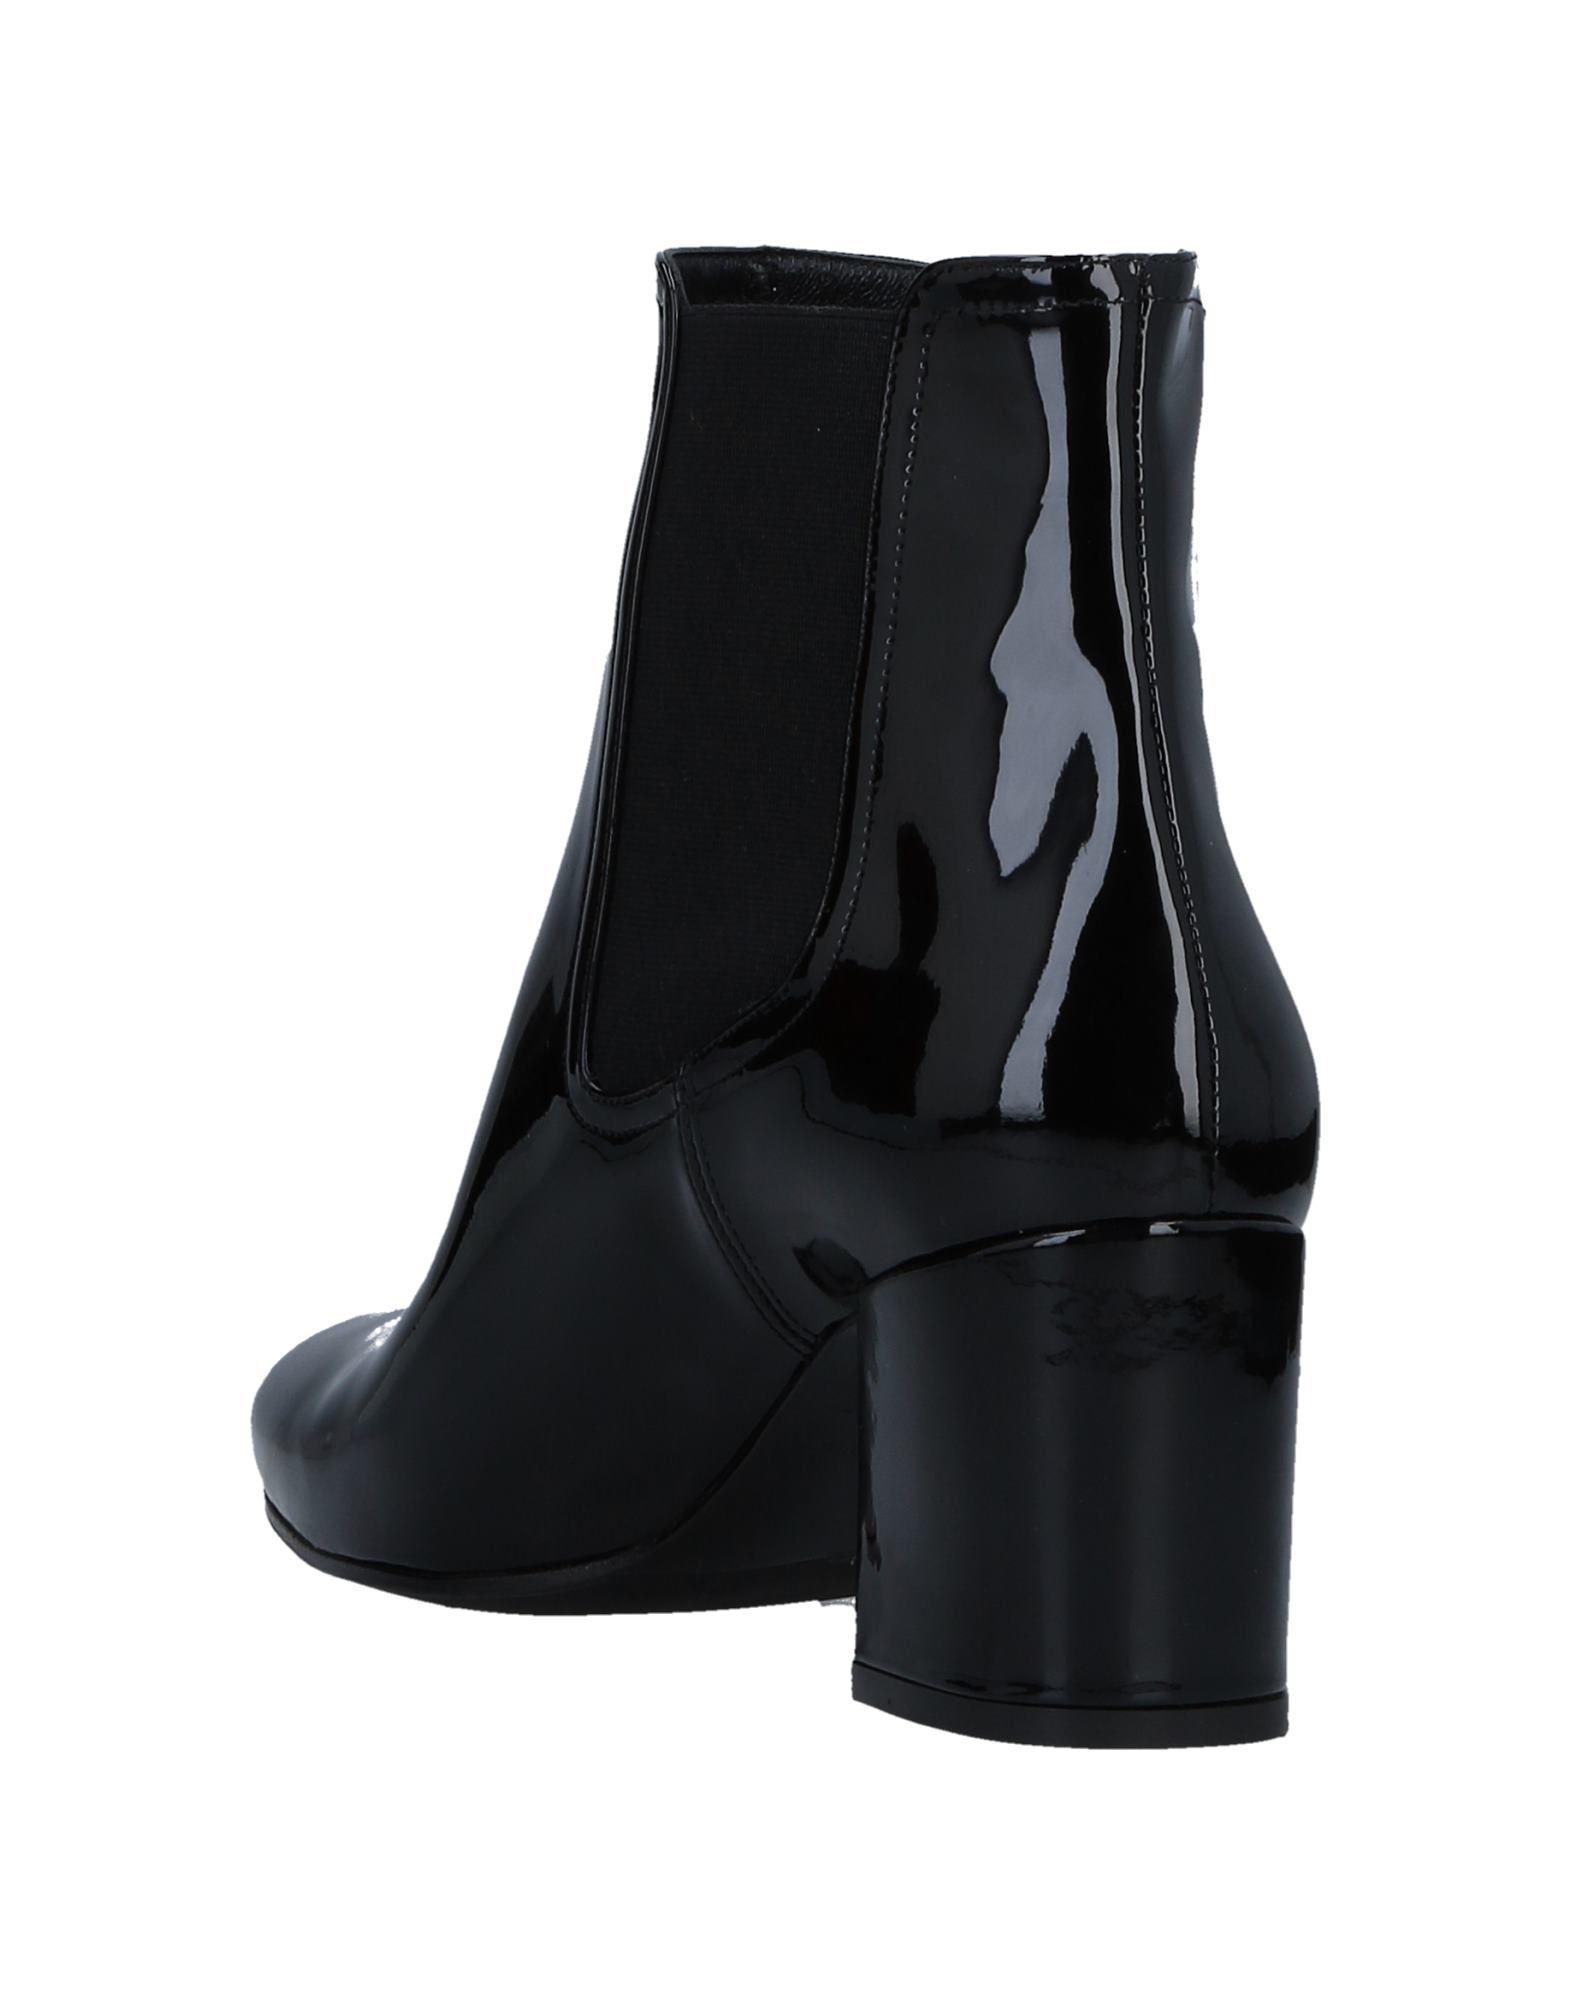 Le Silla Chelsea es Boots Damen Gutes Preis-Leistungs-Verhältnis, es Chelsea lohnt sich,Sonderangebot-3711 ac9716